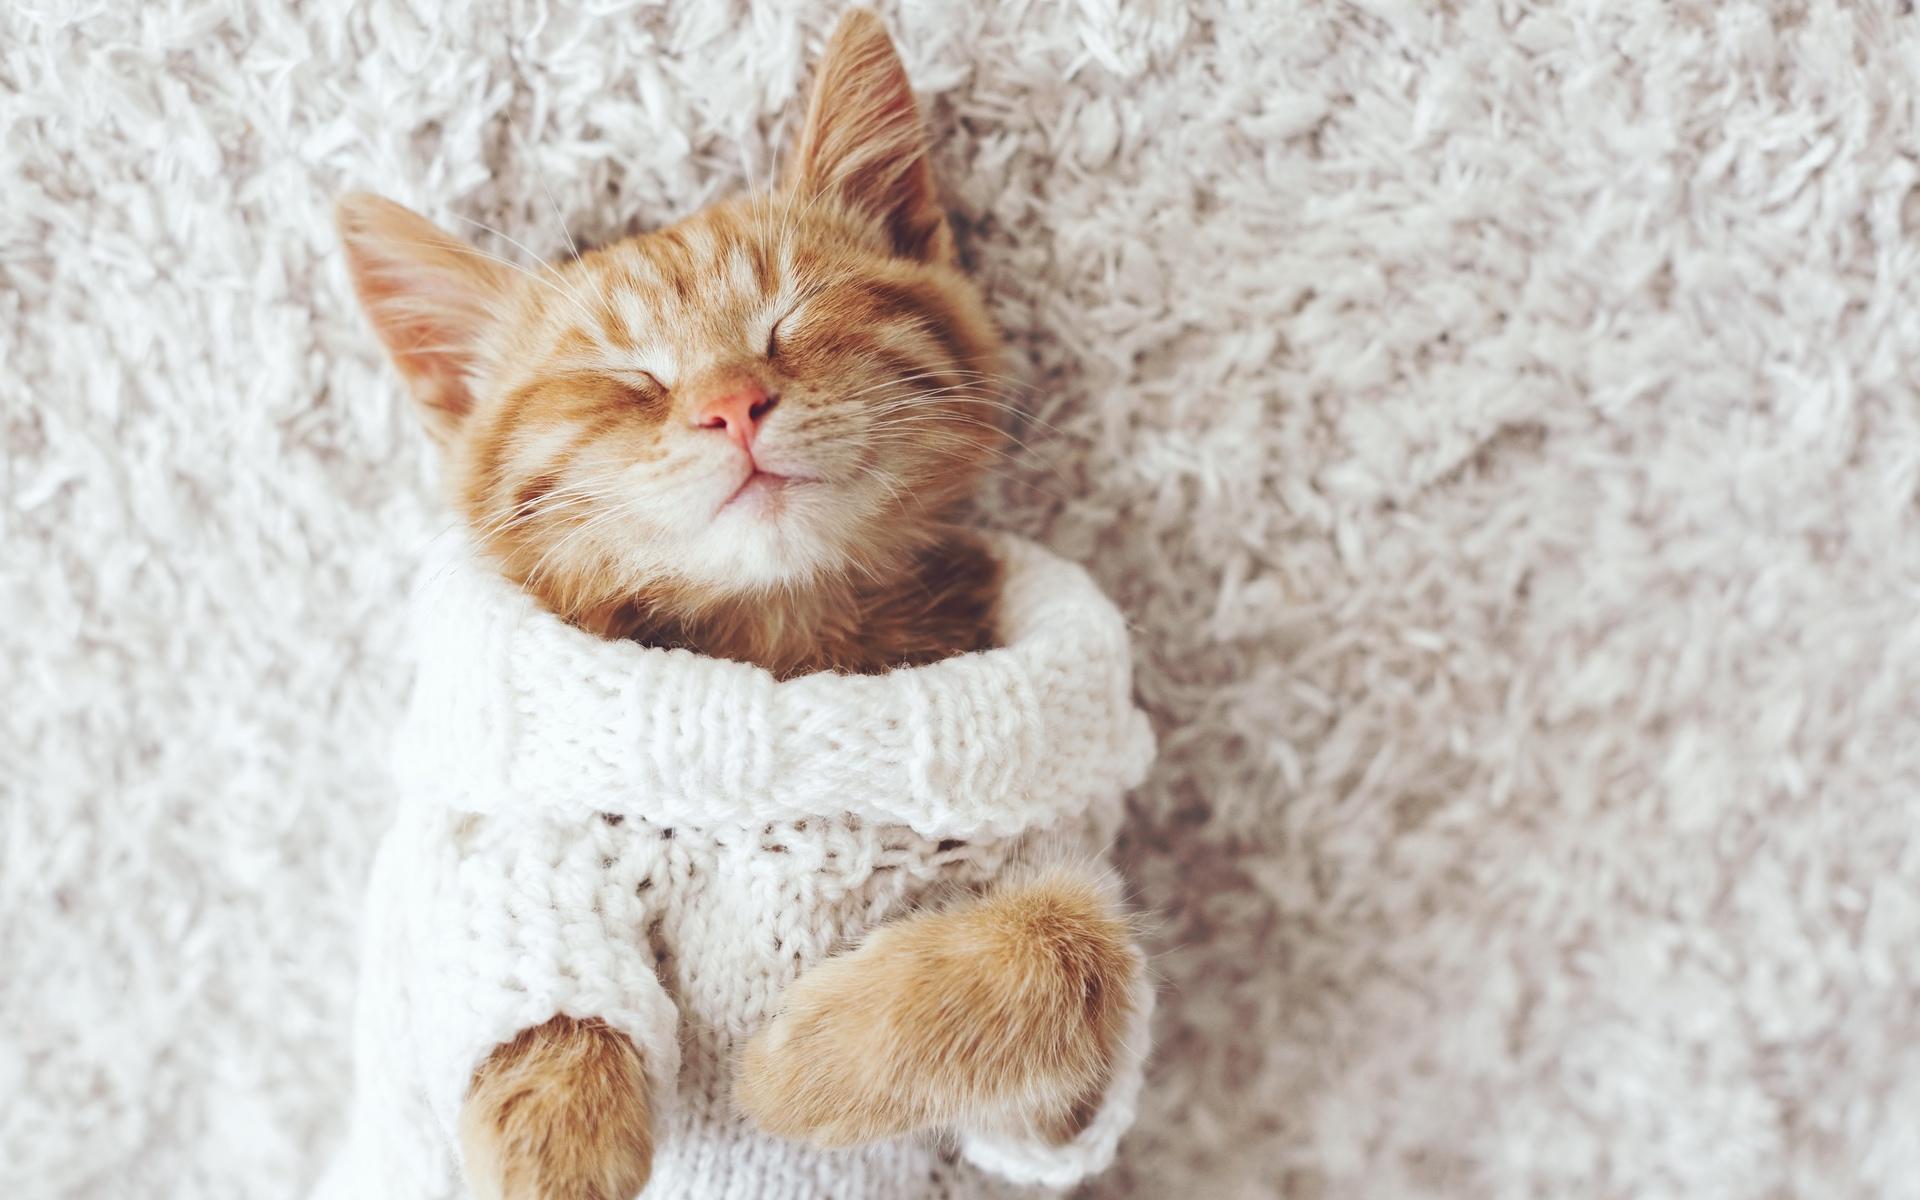 sleeping kitten wearing a knitted sweater